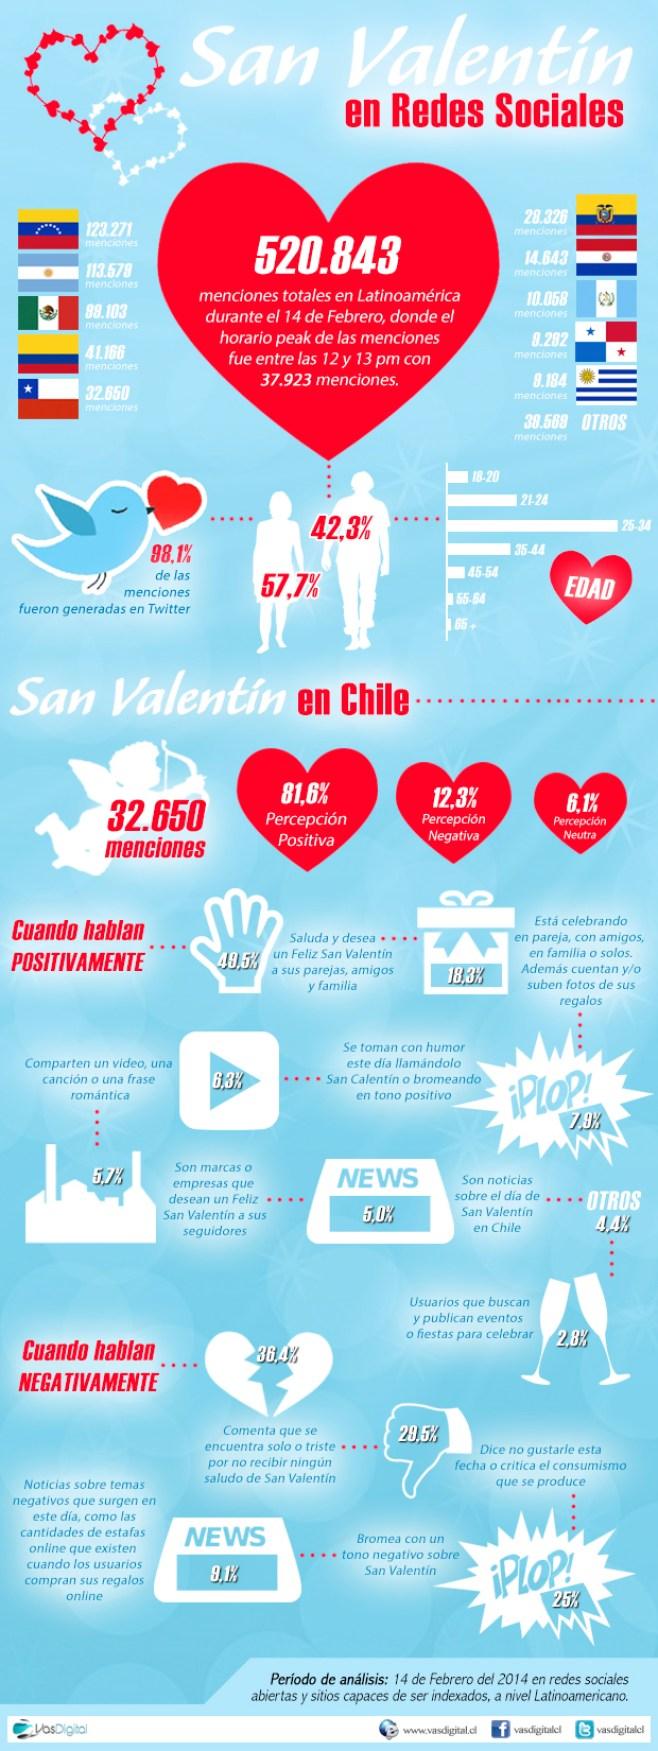 San-Valentin-y-redes-sociales.jpg